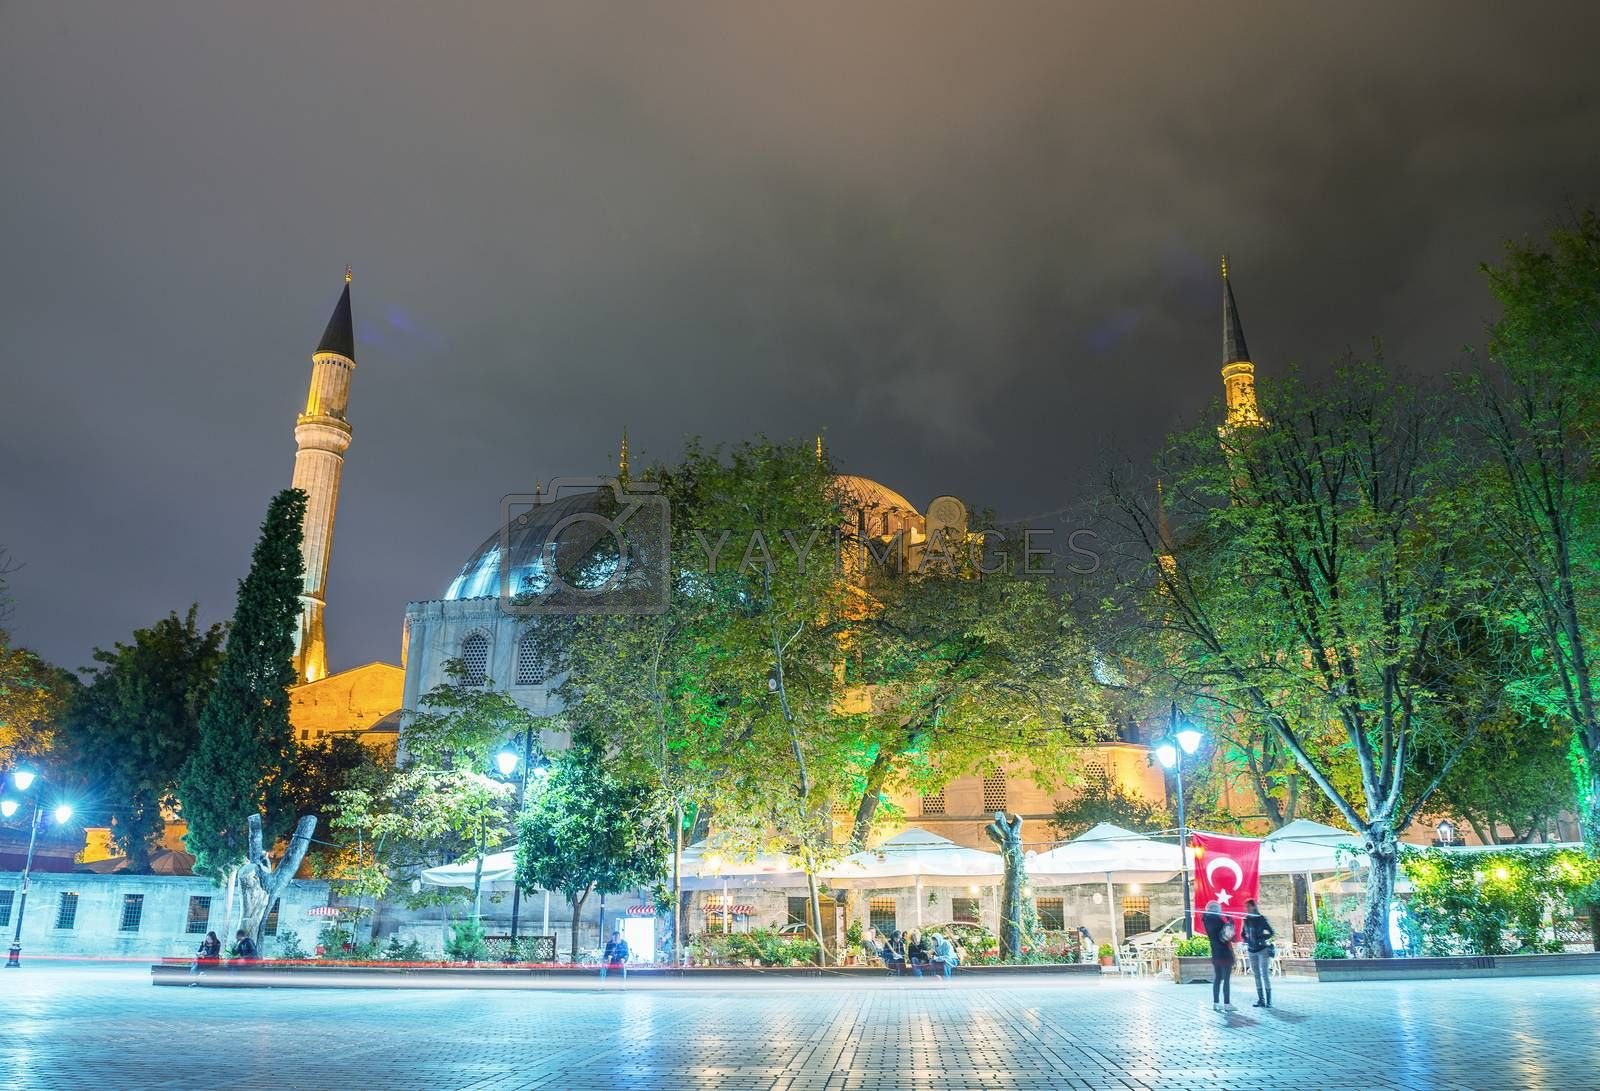 Hagia Sophia Museum at night, Istanbul.